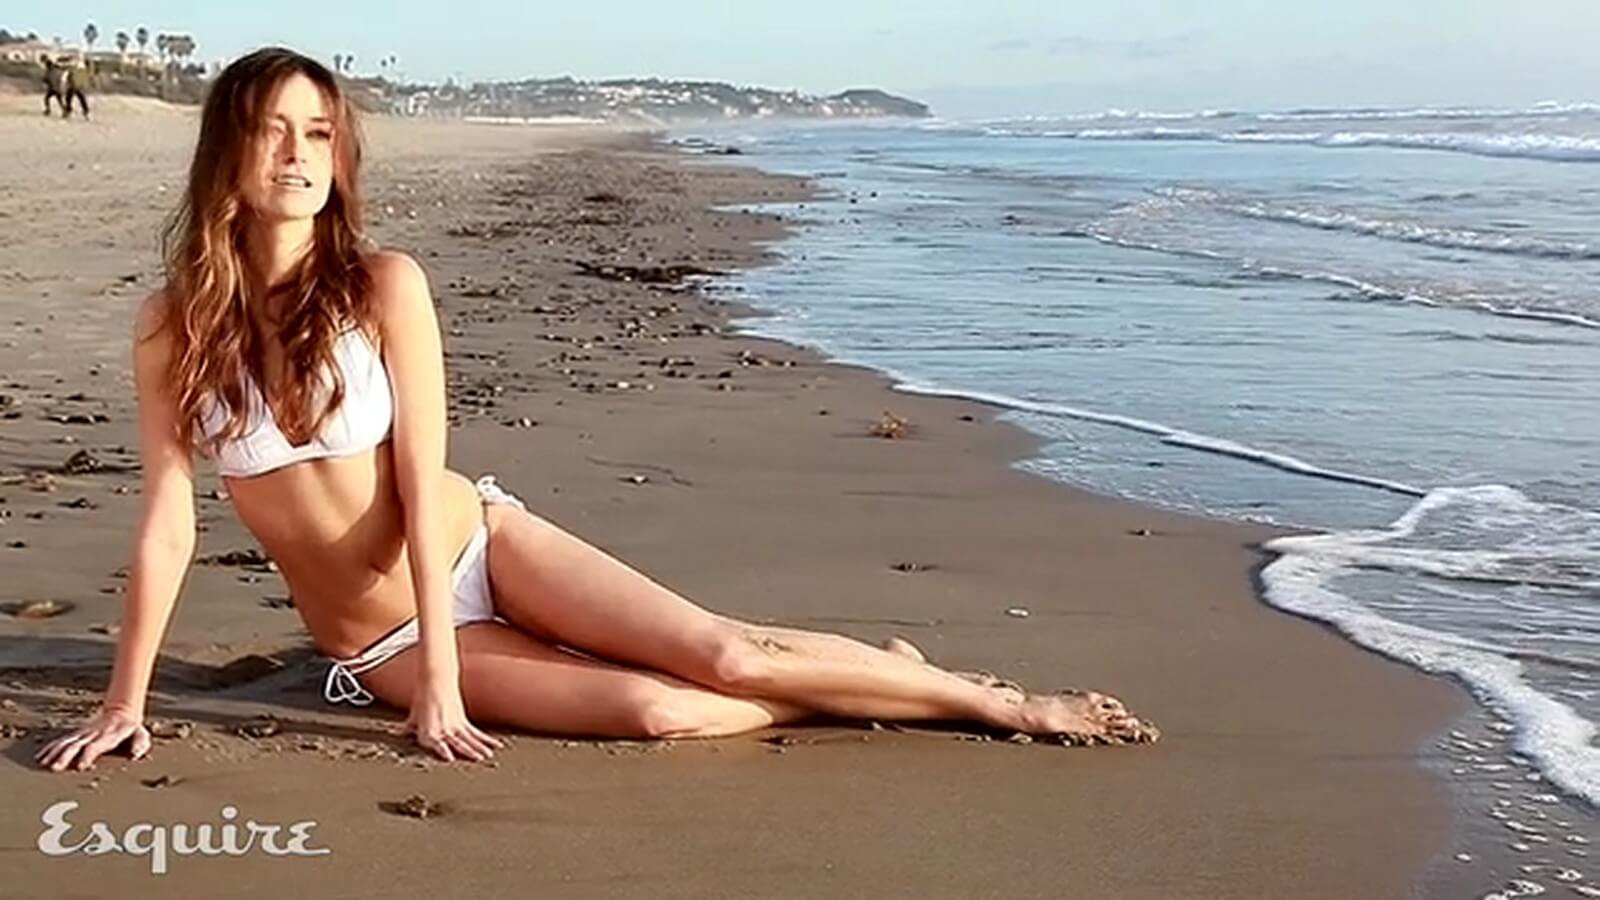 Summer Glau sexy bikini pics